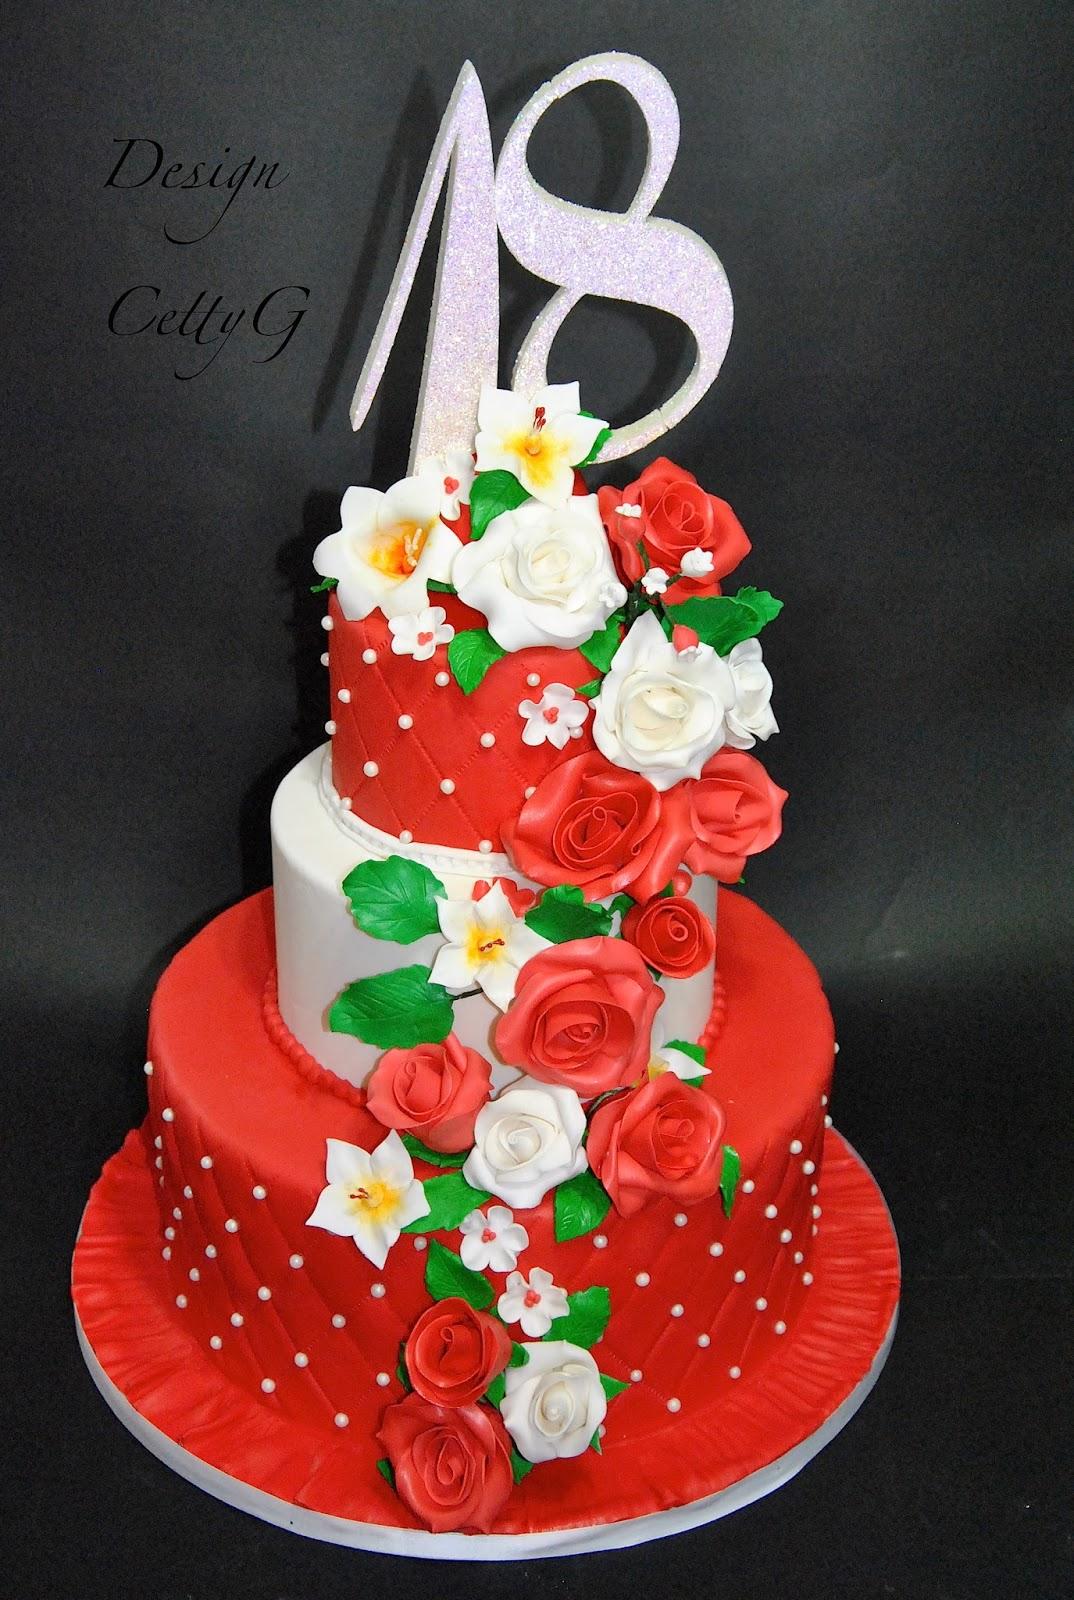 Ben noto Le torte decorate di Cetty G: 18° Compleanno cascata di fiori XE66